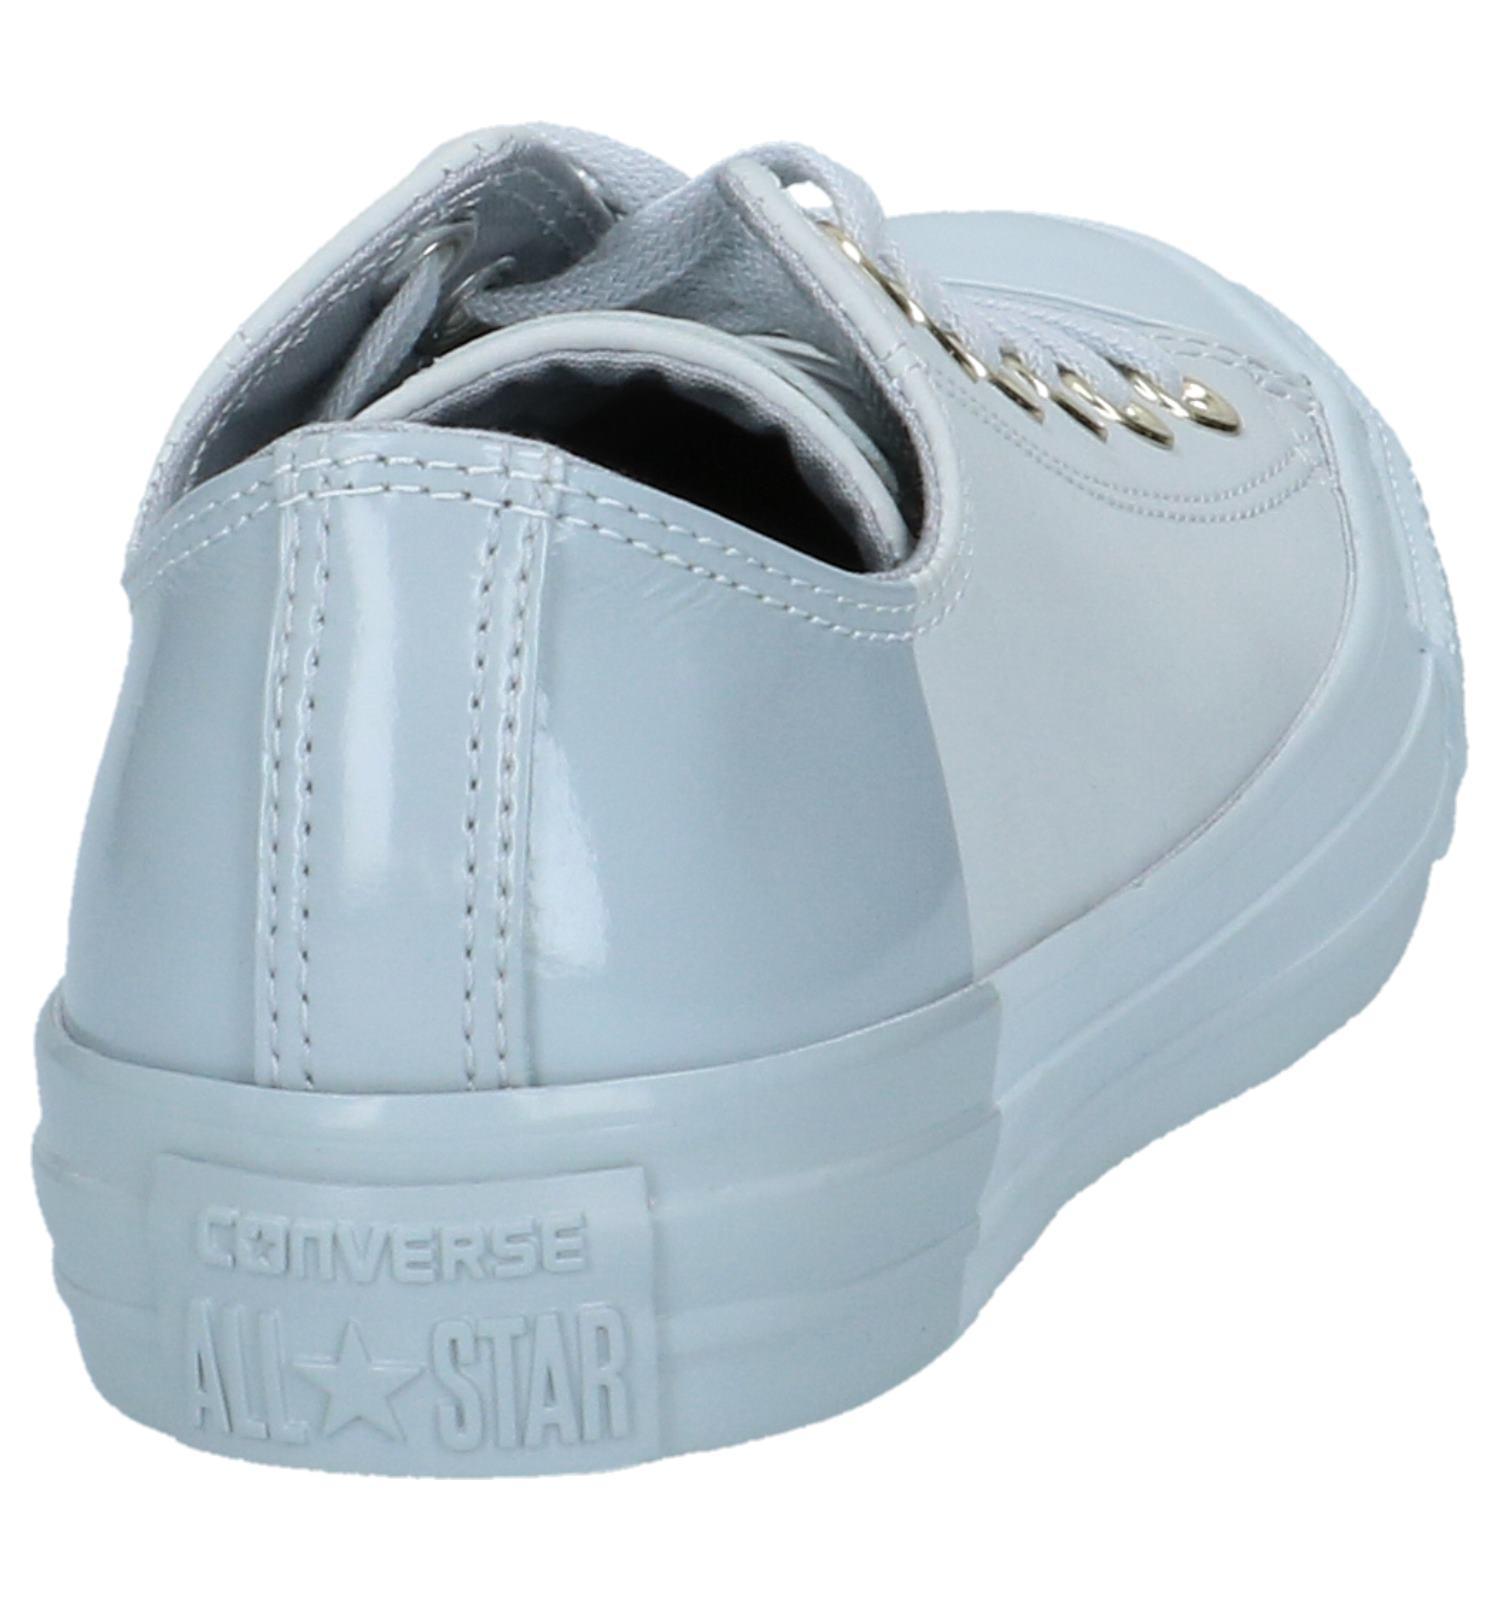 00625bffd66 Grijze Sneakers Converse Chuck Taylor All Star OX | TORFS.BE | Gratis  verzend en retour